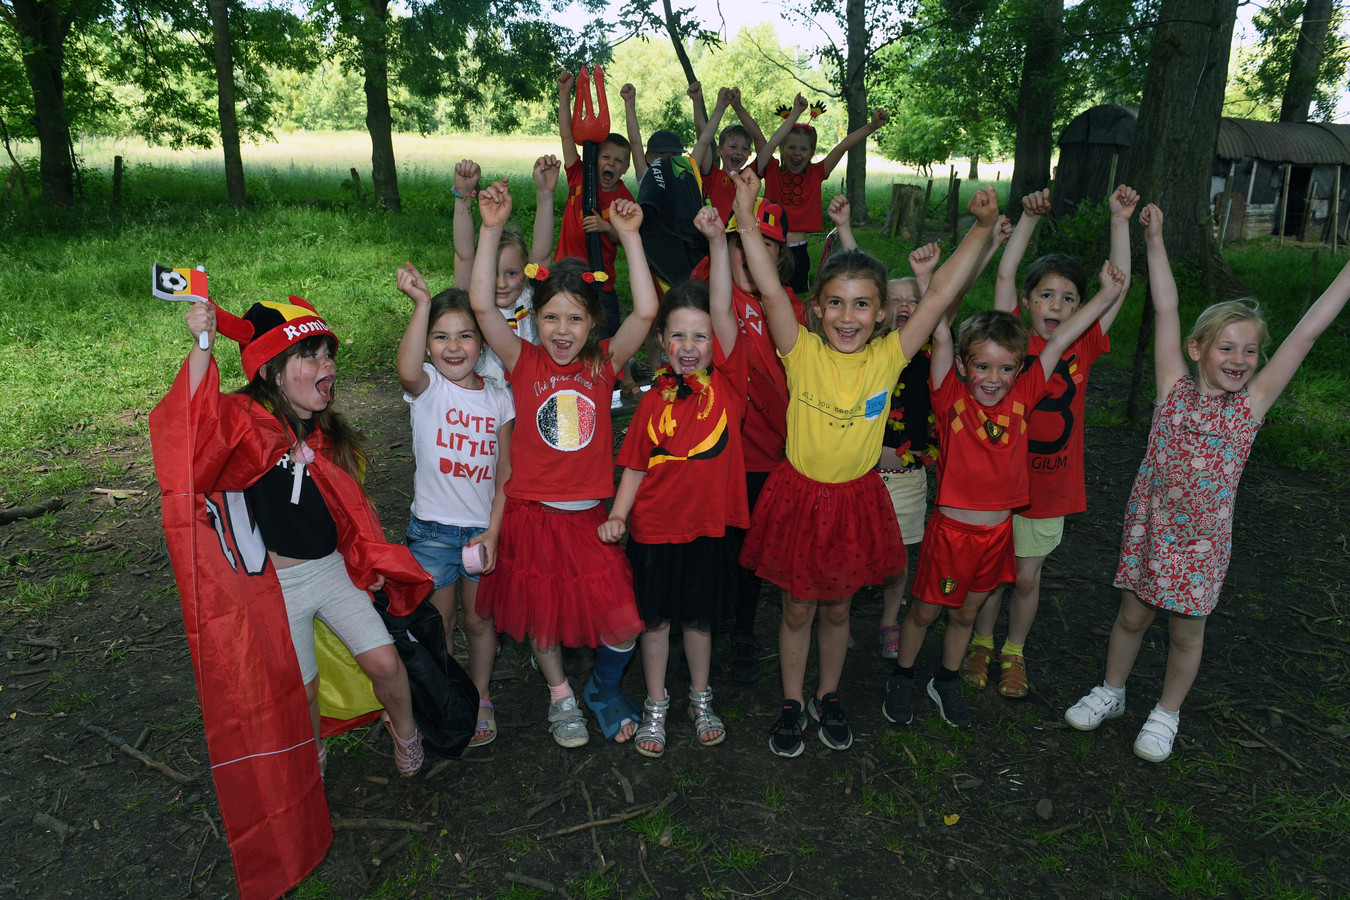 De leerlingen van het eerste leerjaar weten alvast hoe ze zaterdagavond moeten juichen wanneer de Rode Duivels scoren.